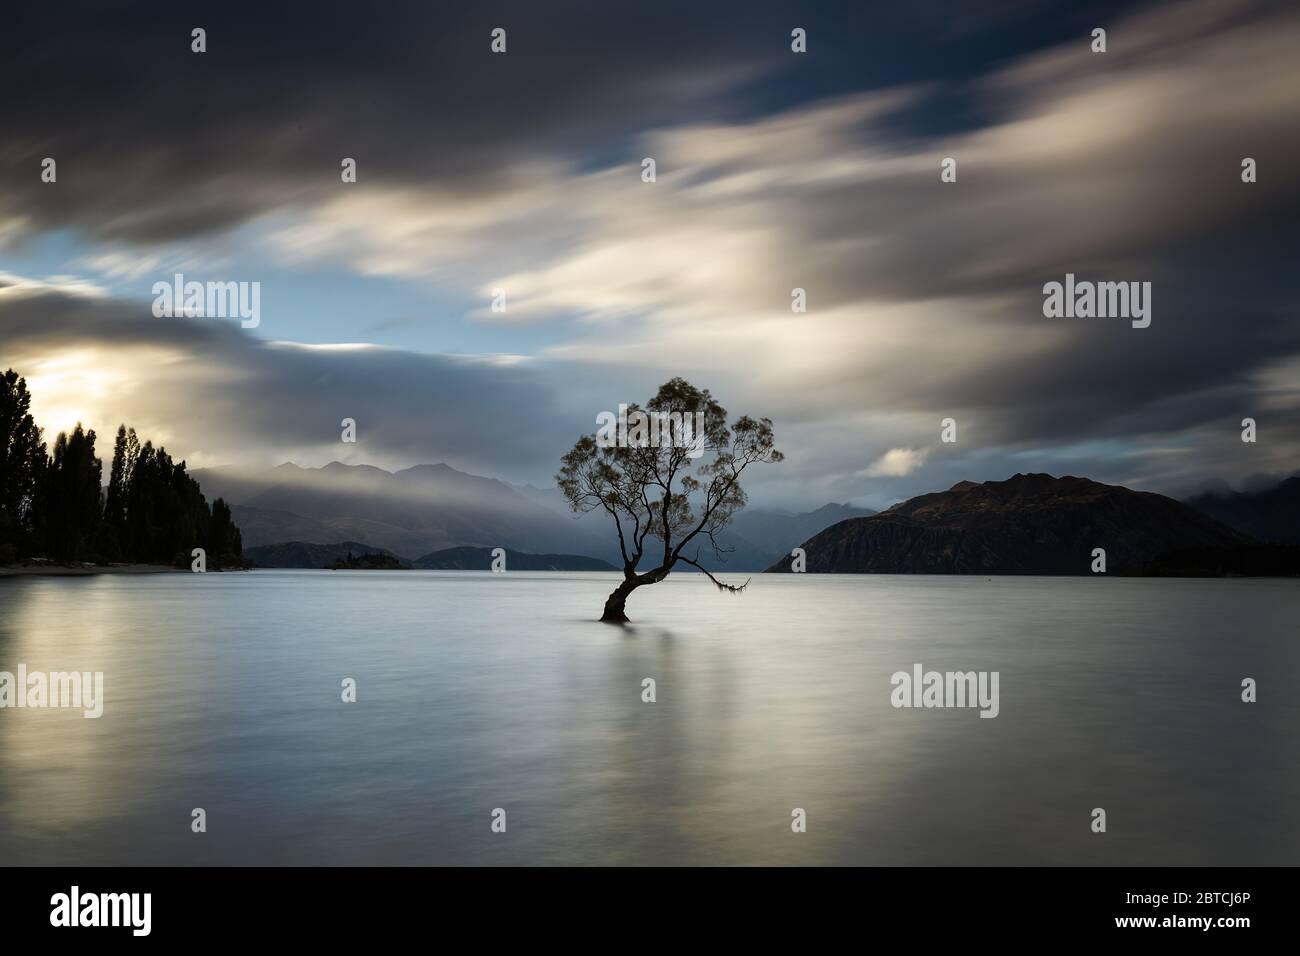 Que Wanaka árbol con un rayo de sol golpeándolo, Wanaka, Nueva Zelanda, marzo de 2020 Foto de stock